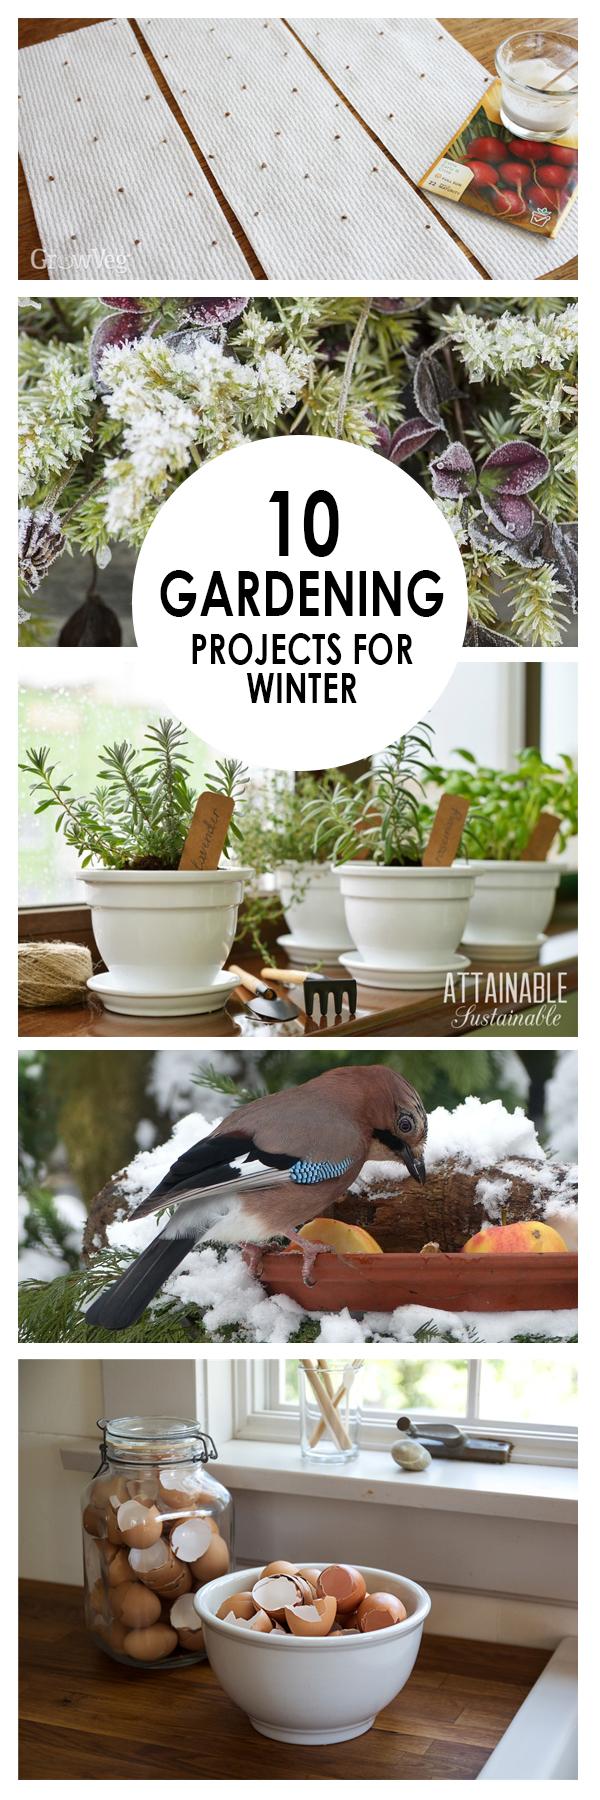 10 gardening projects for winter indoor gardening